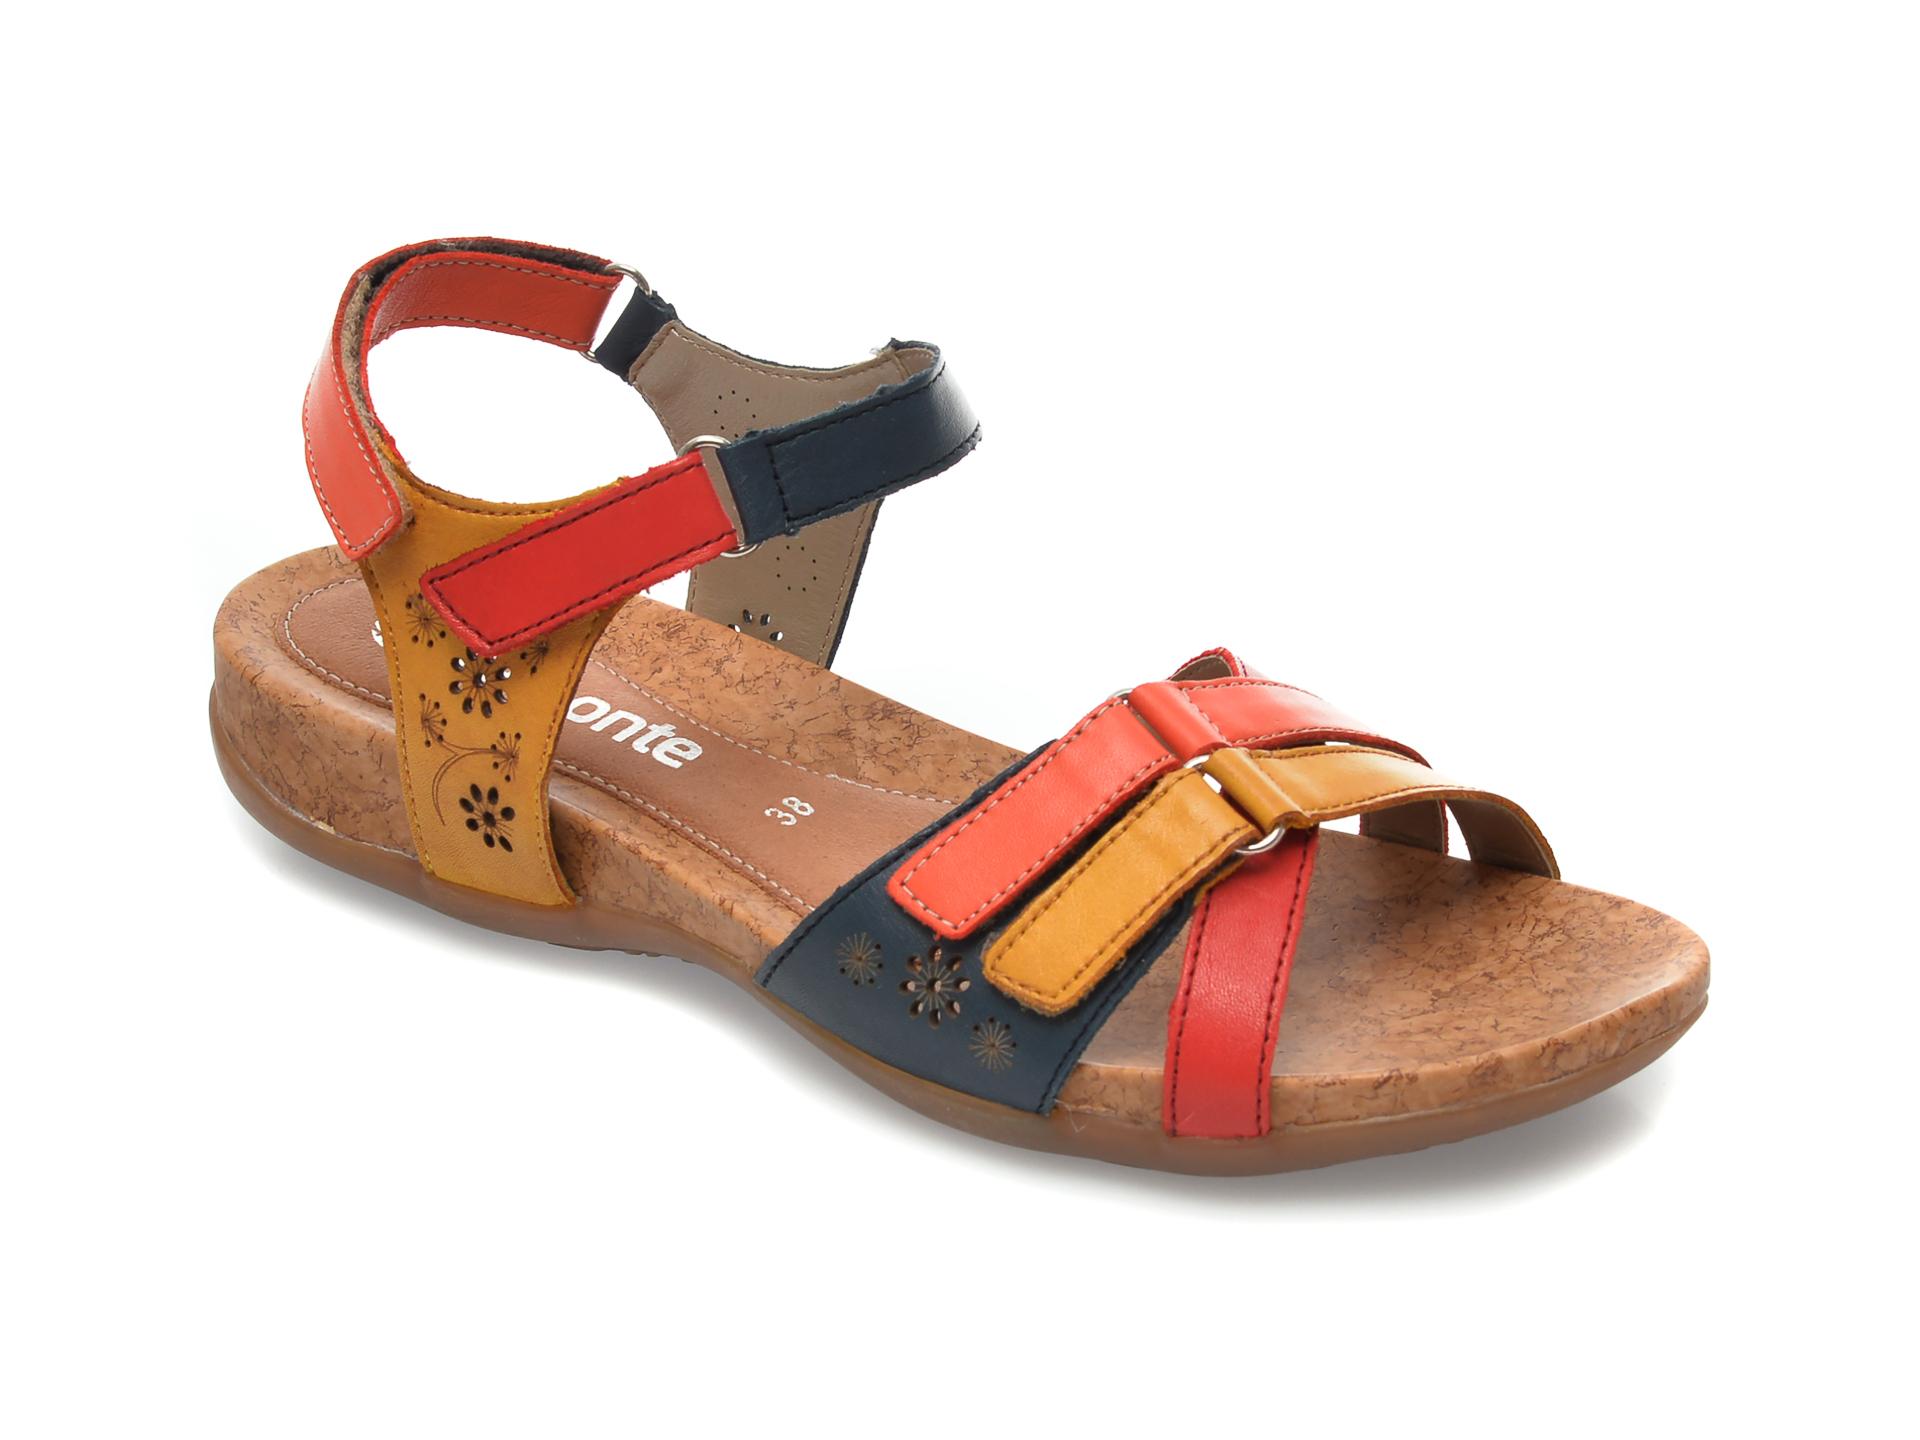 Sandale REMONTE multicolor, R3269, din piele naturala imagine otter.ro 2021